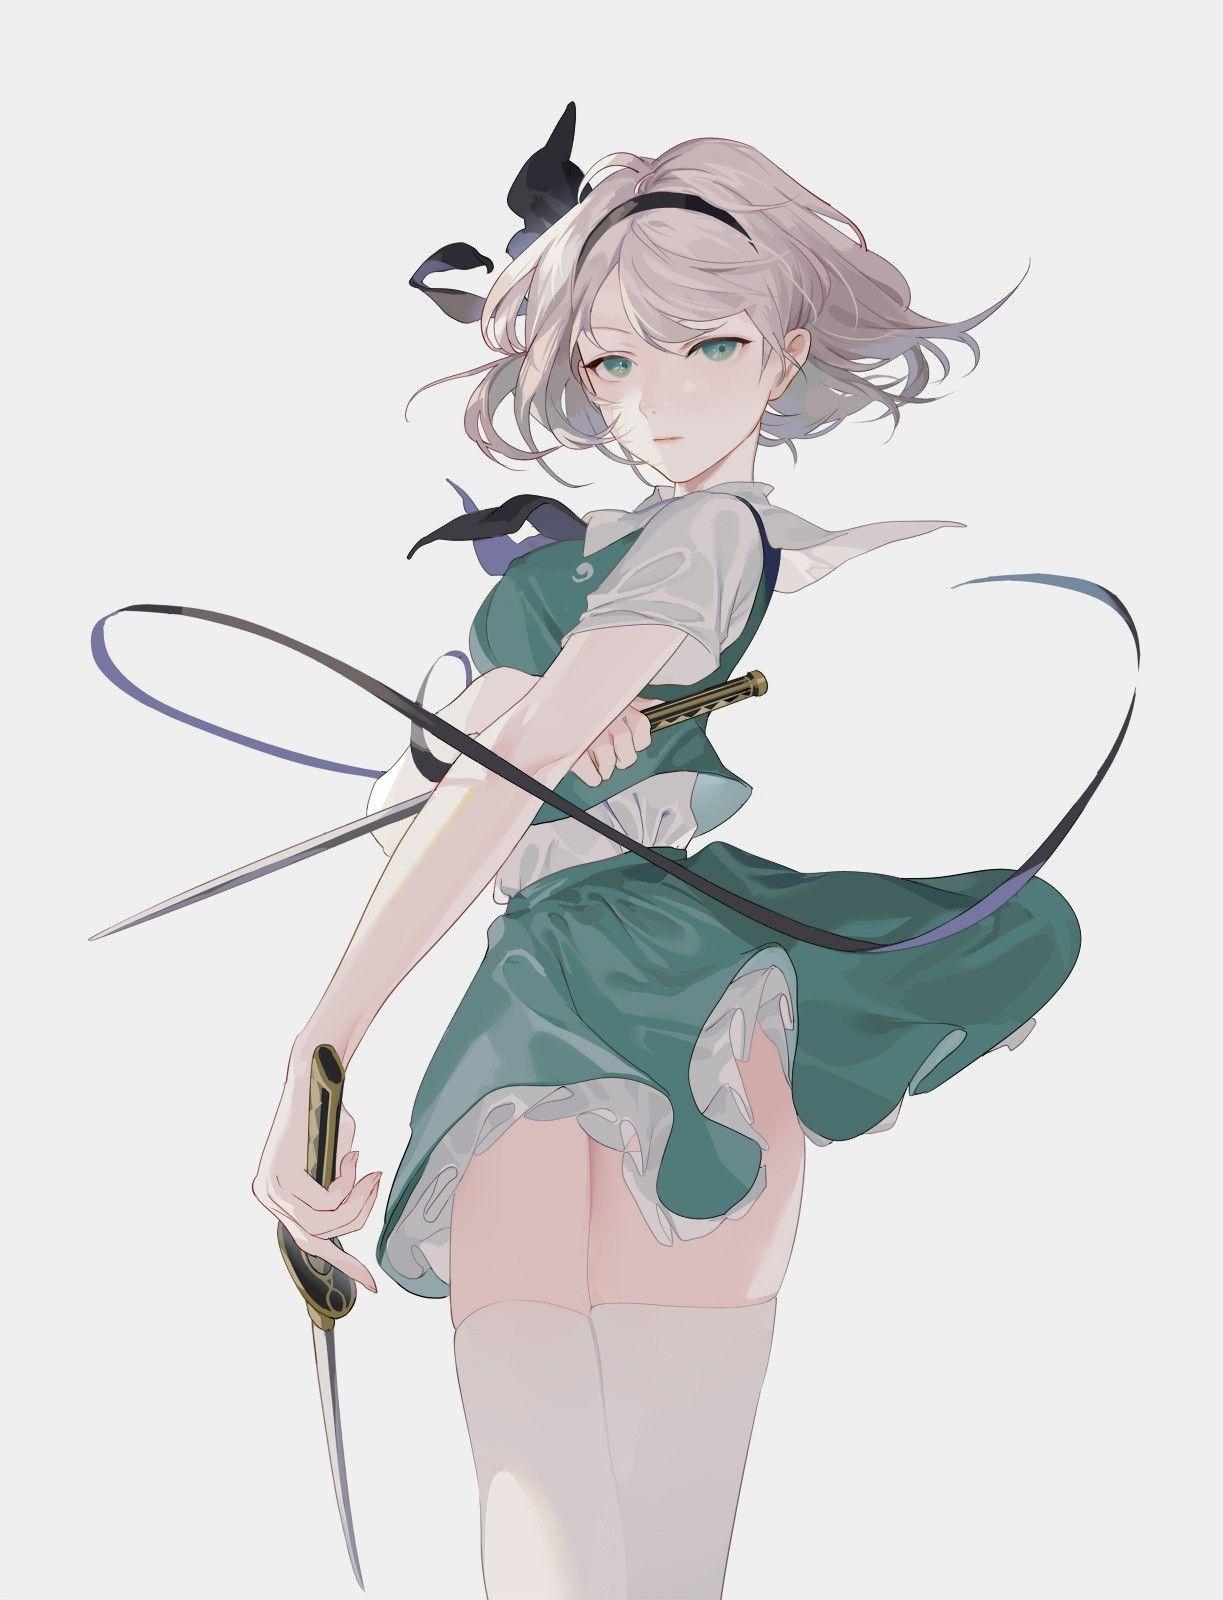 Pin on anime girls